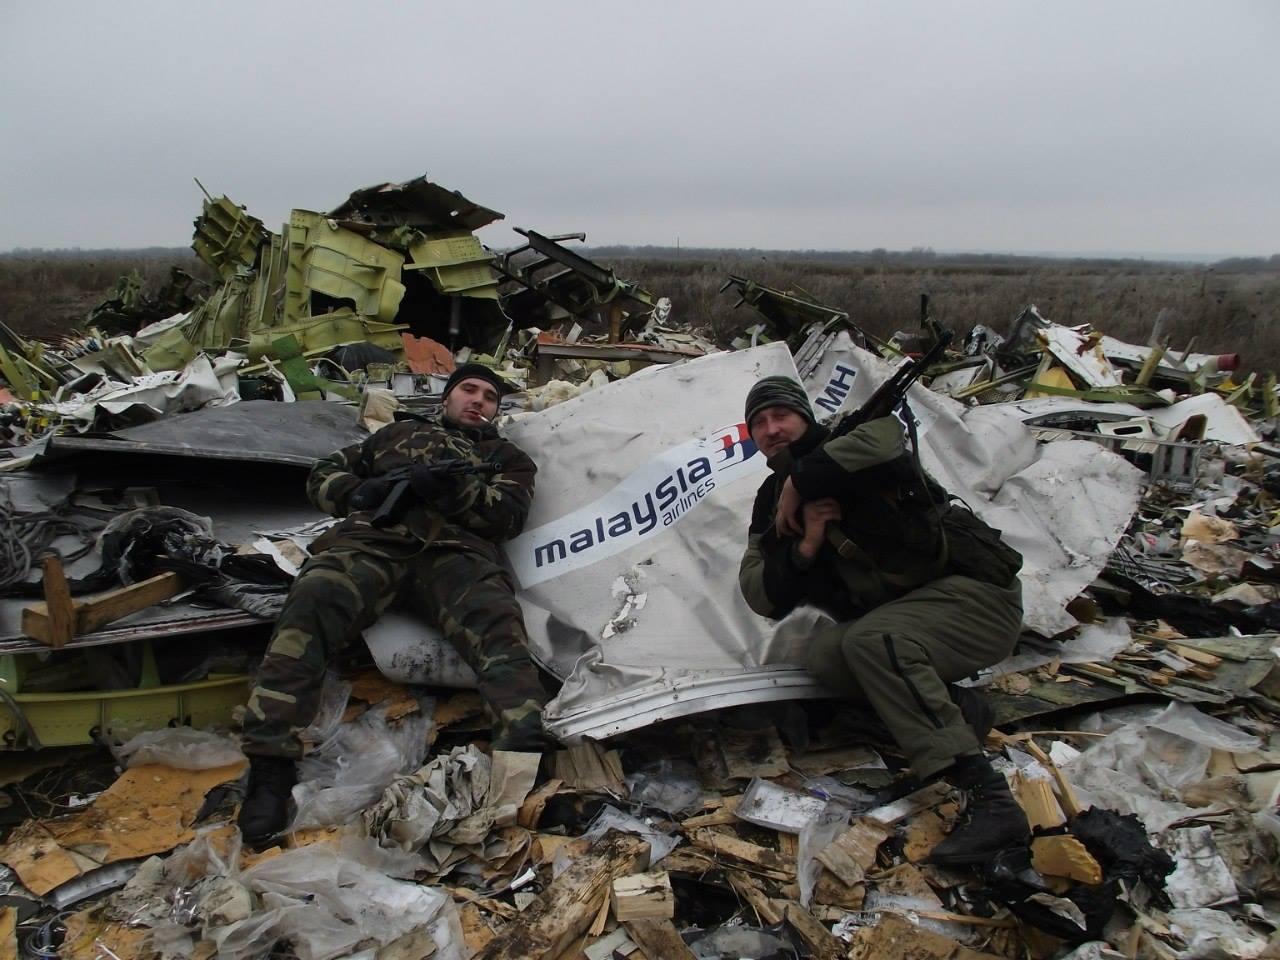 Будут ли осуждены лица, обвиняемые в гибели рейса МН 17